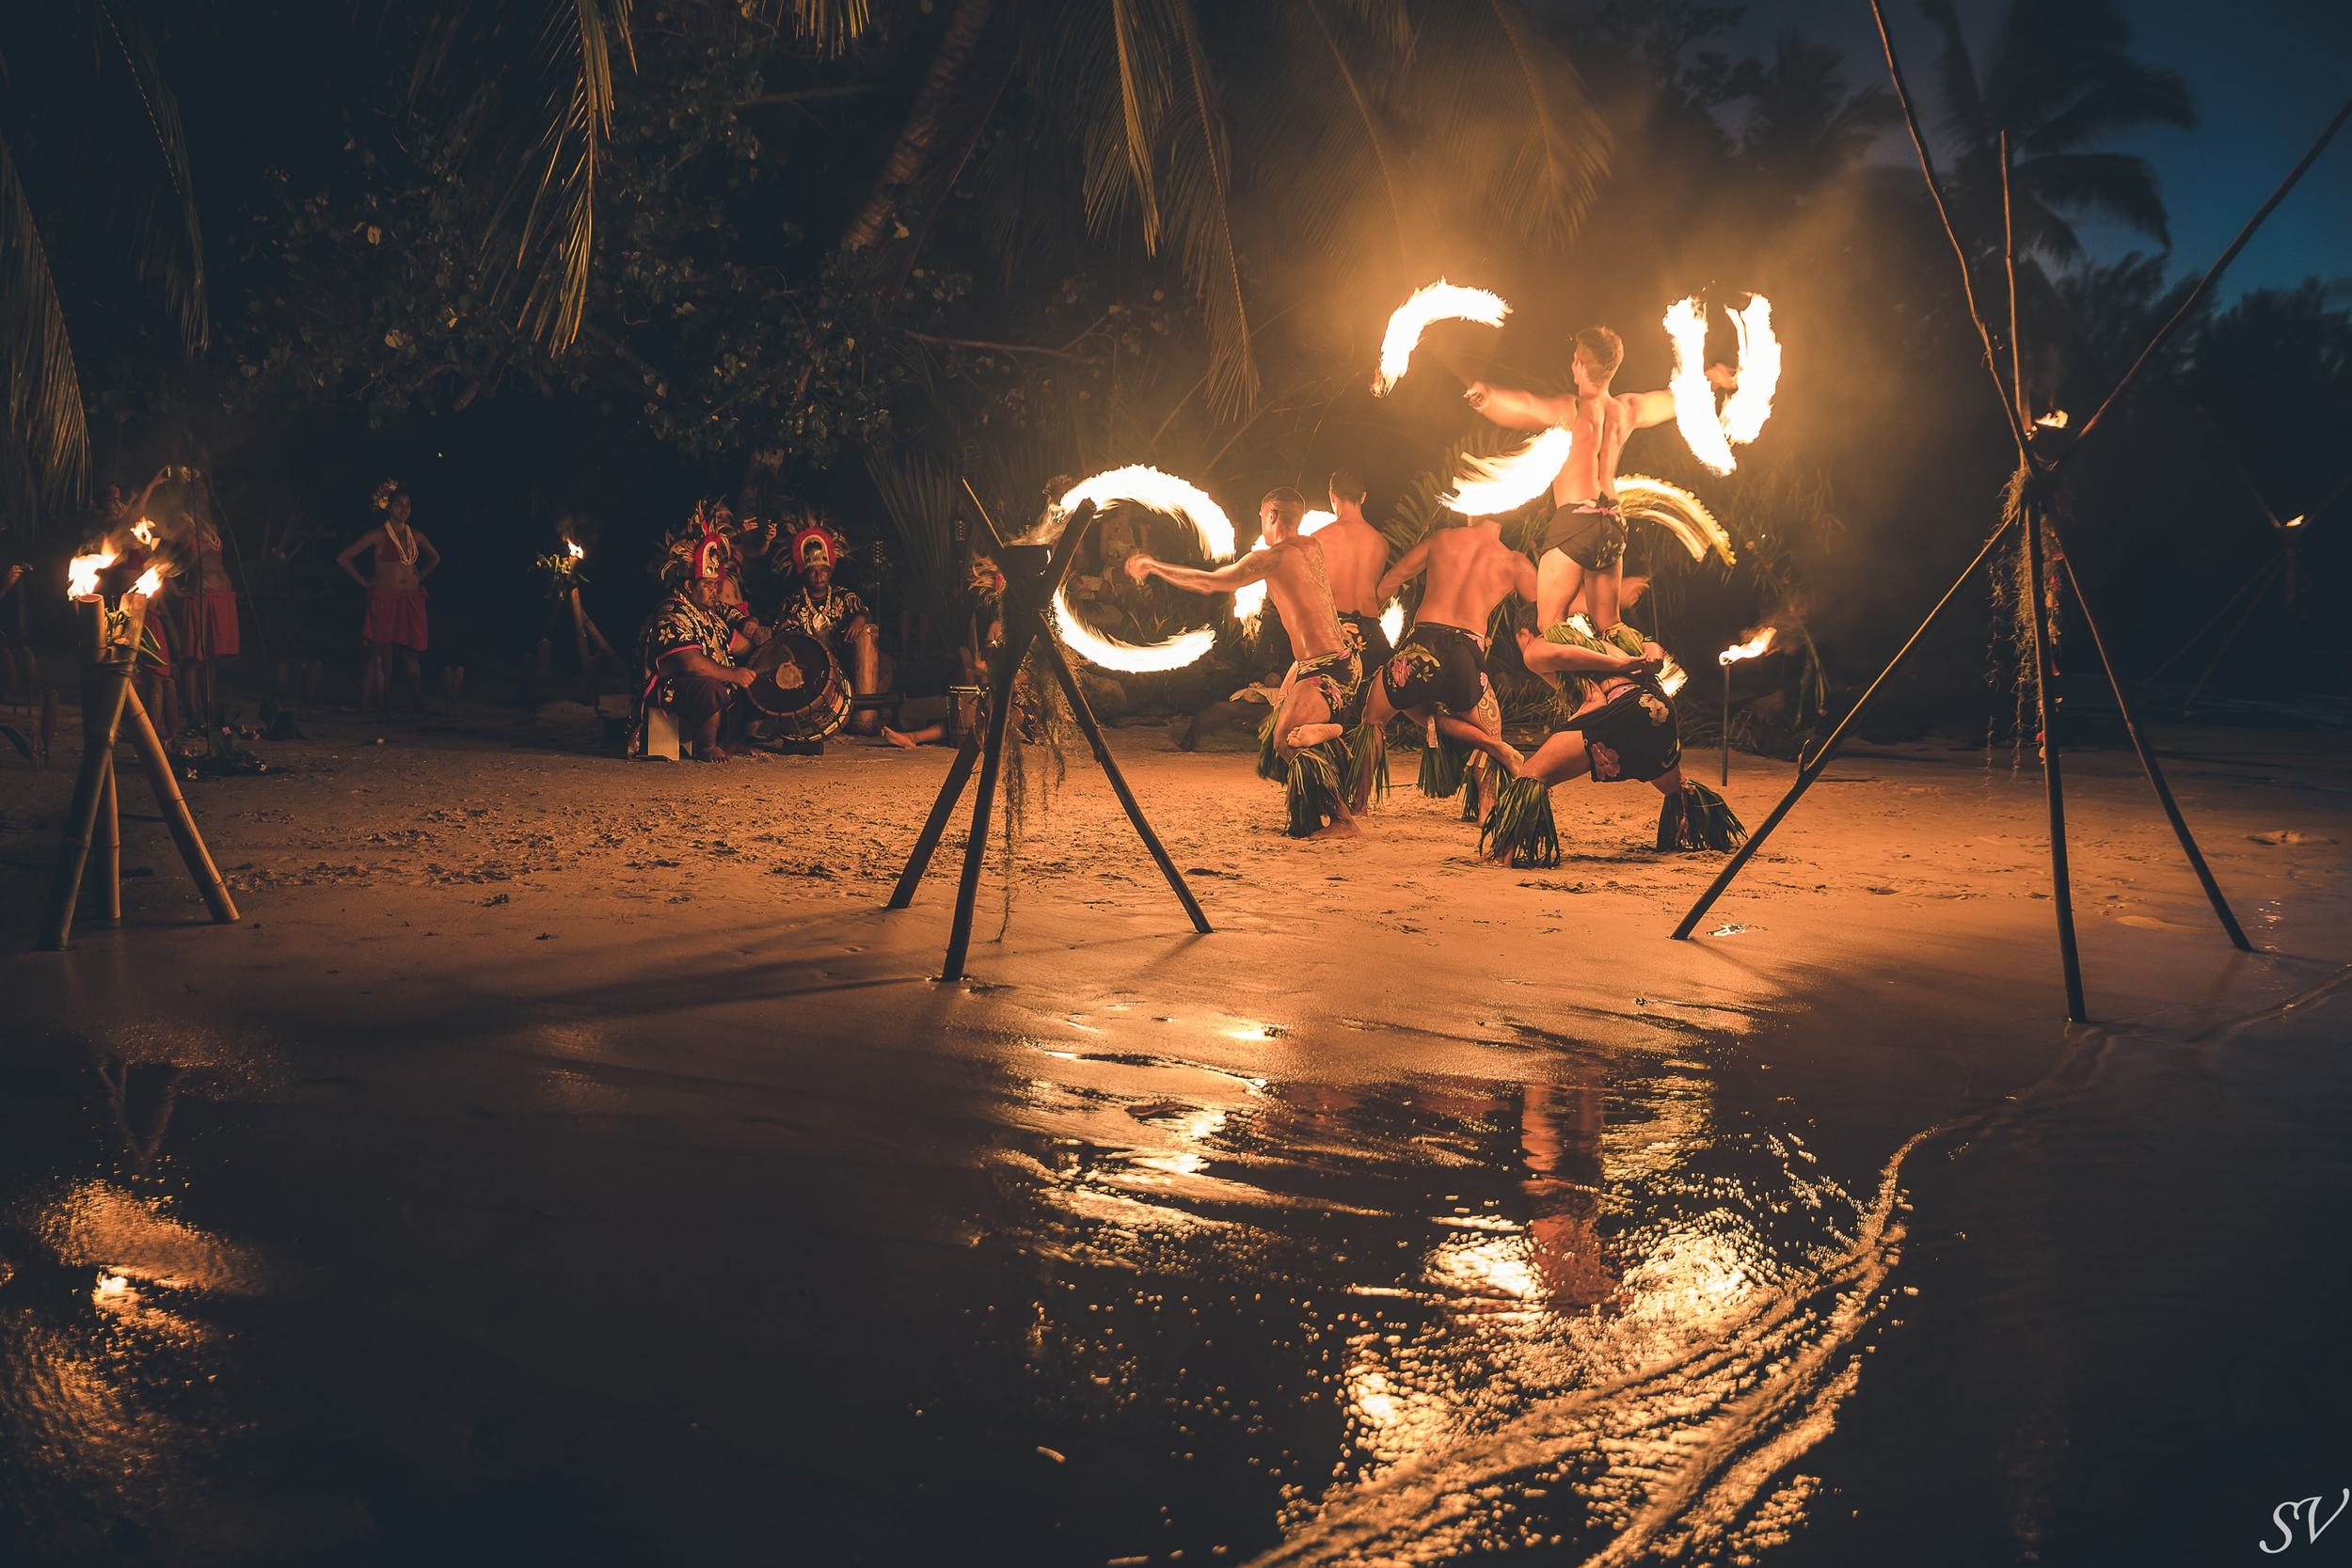 Fire Polynesian dancers during an elopement